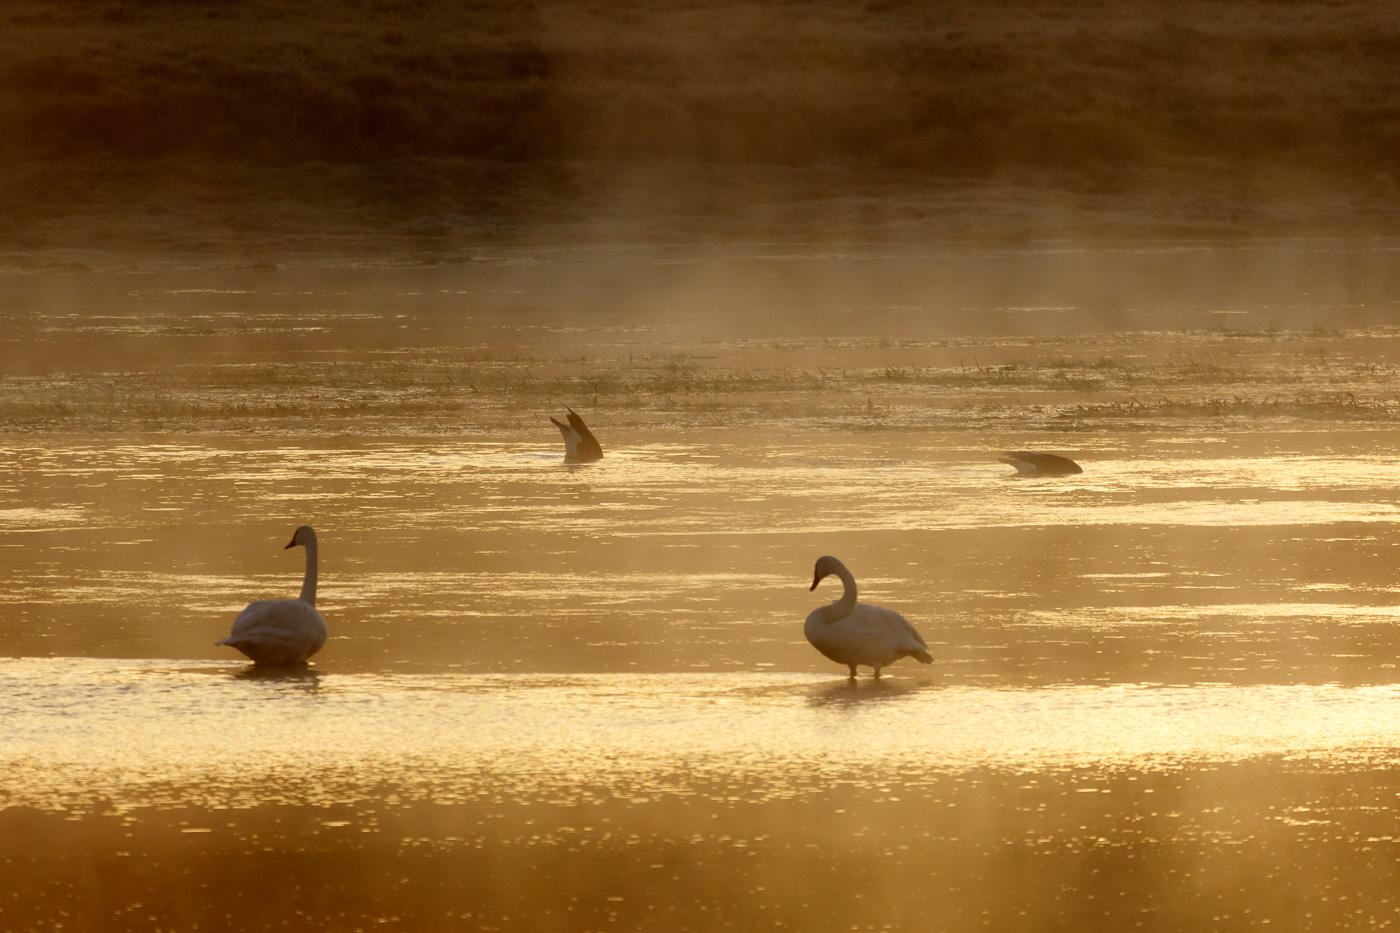 Trumpeter Swan (Cygnus buccinatur), Yellowstone National Park, U.S.A. - Fauna de Nord-Amèrica - Raül Carmona - Fotografia, Fotografia d'estudi, esdeveniments i Natura